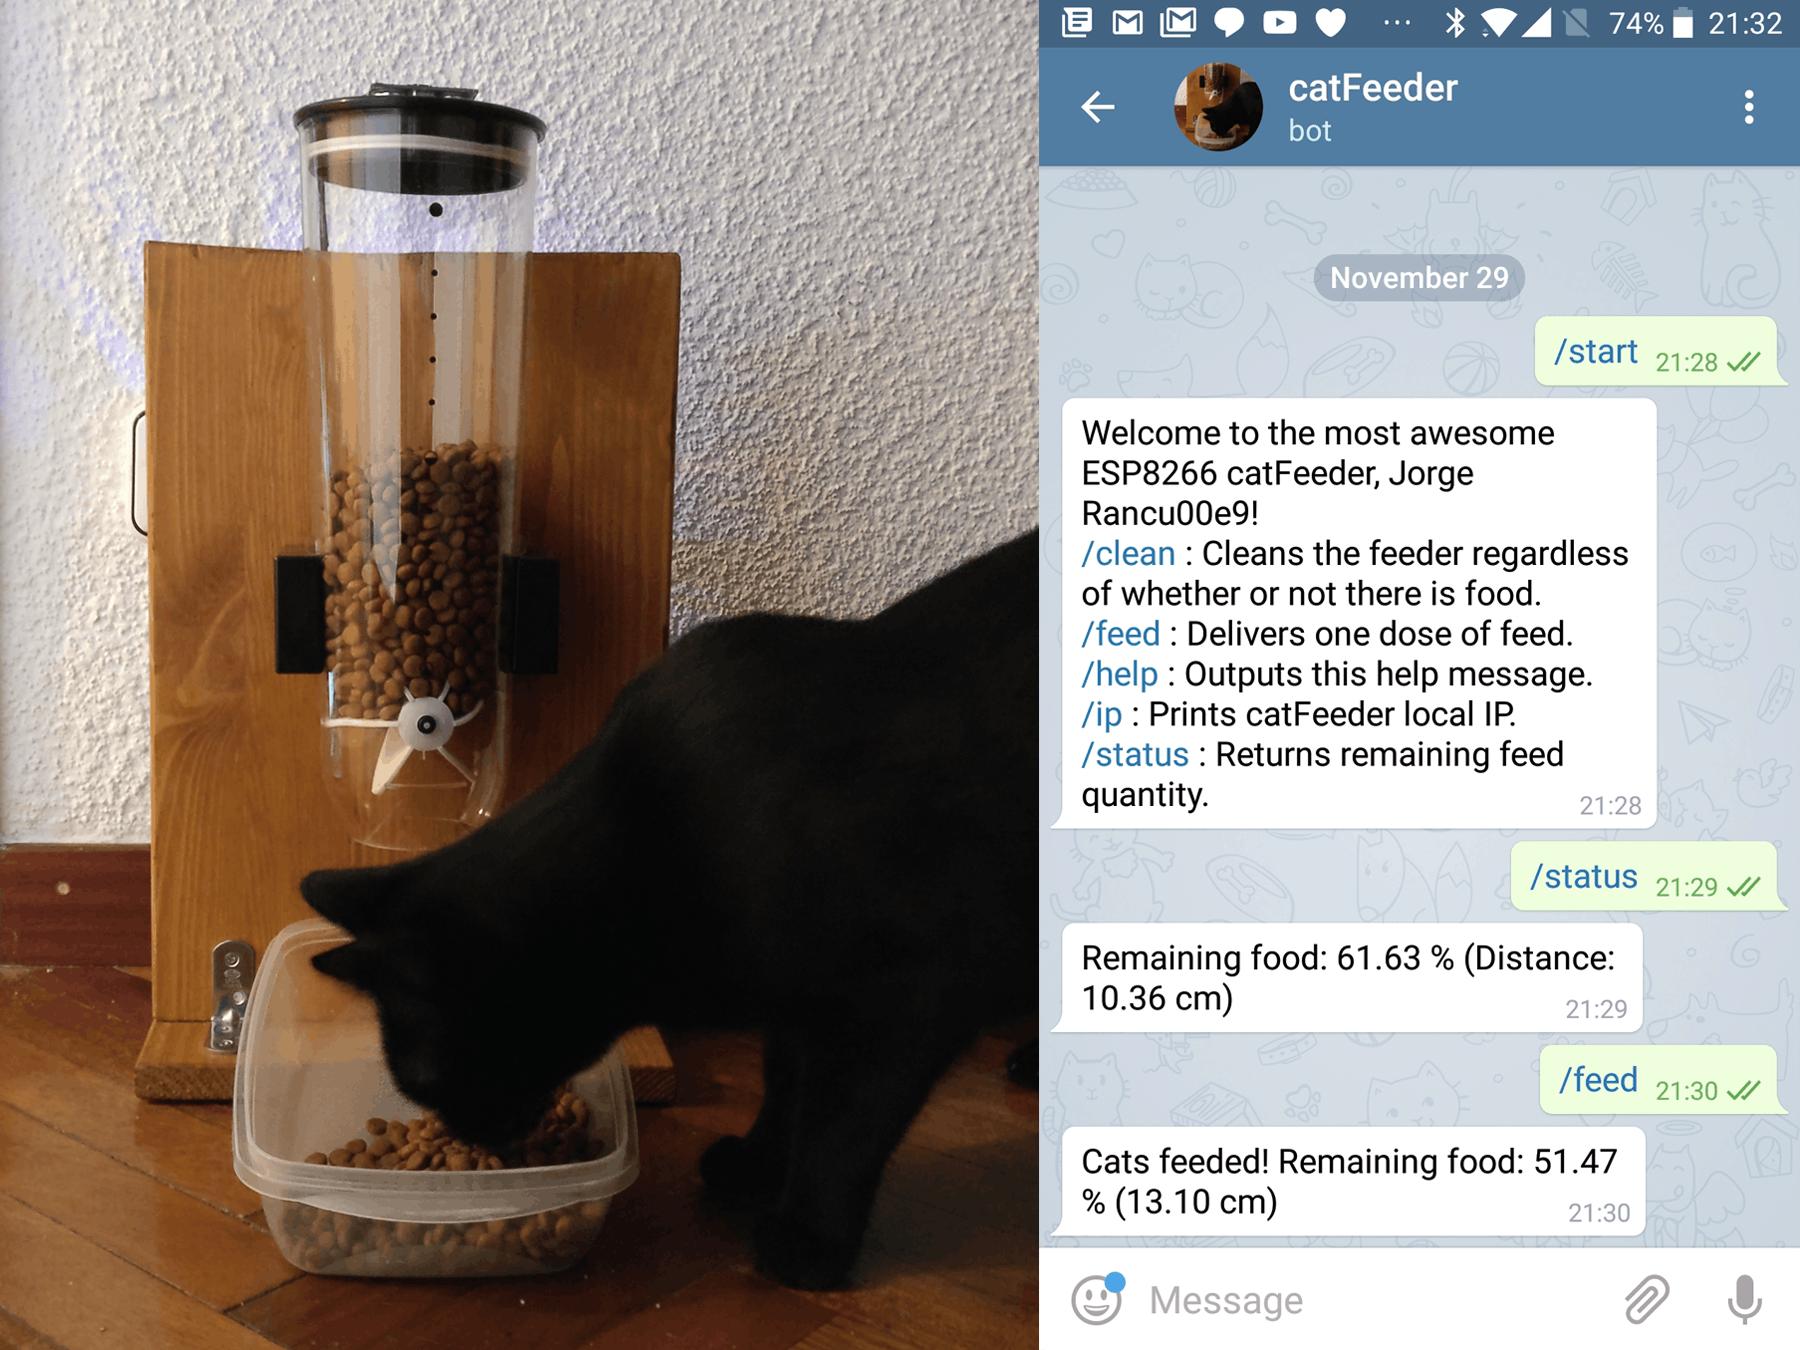 Cat Feeder With ESP8266, Arduino and Telegram